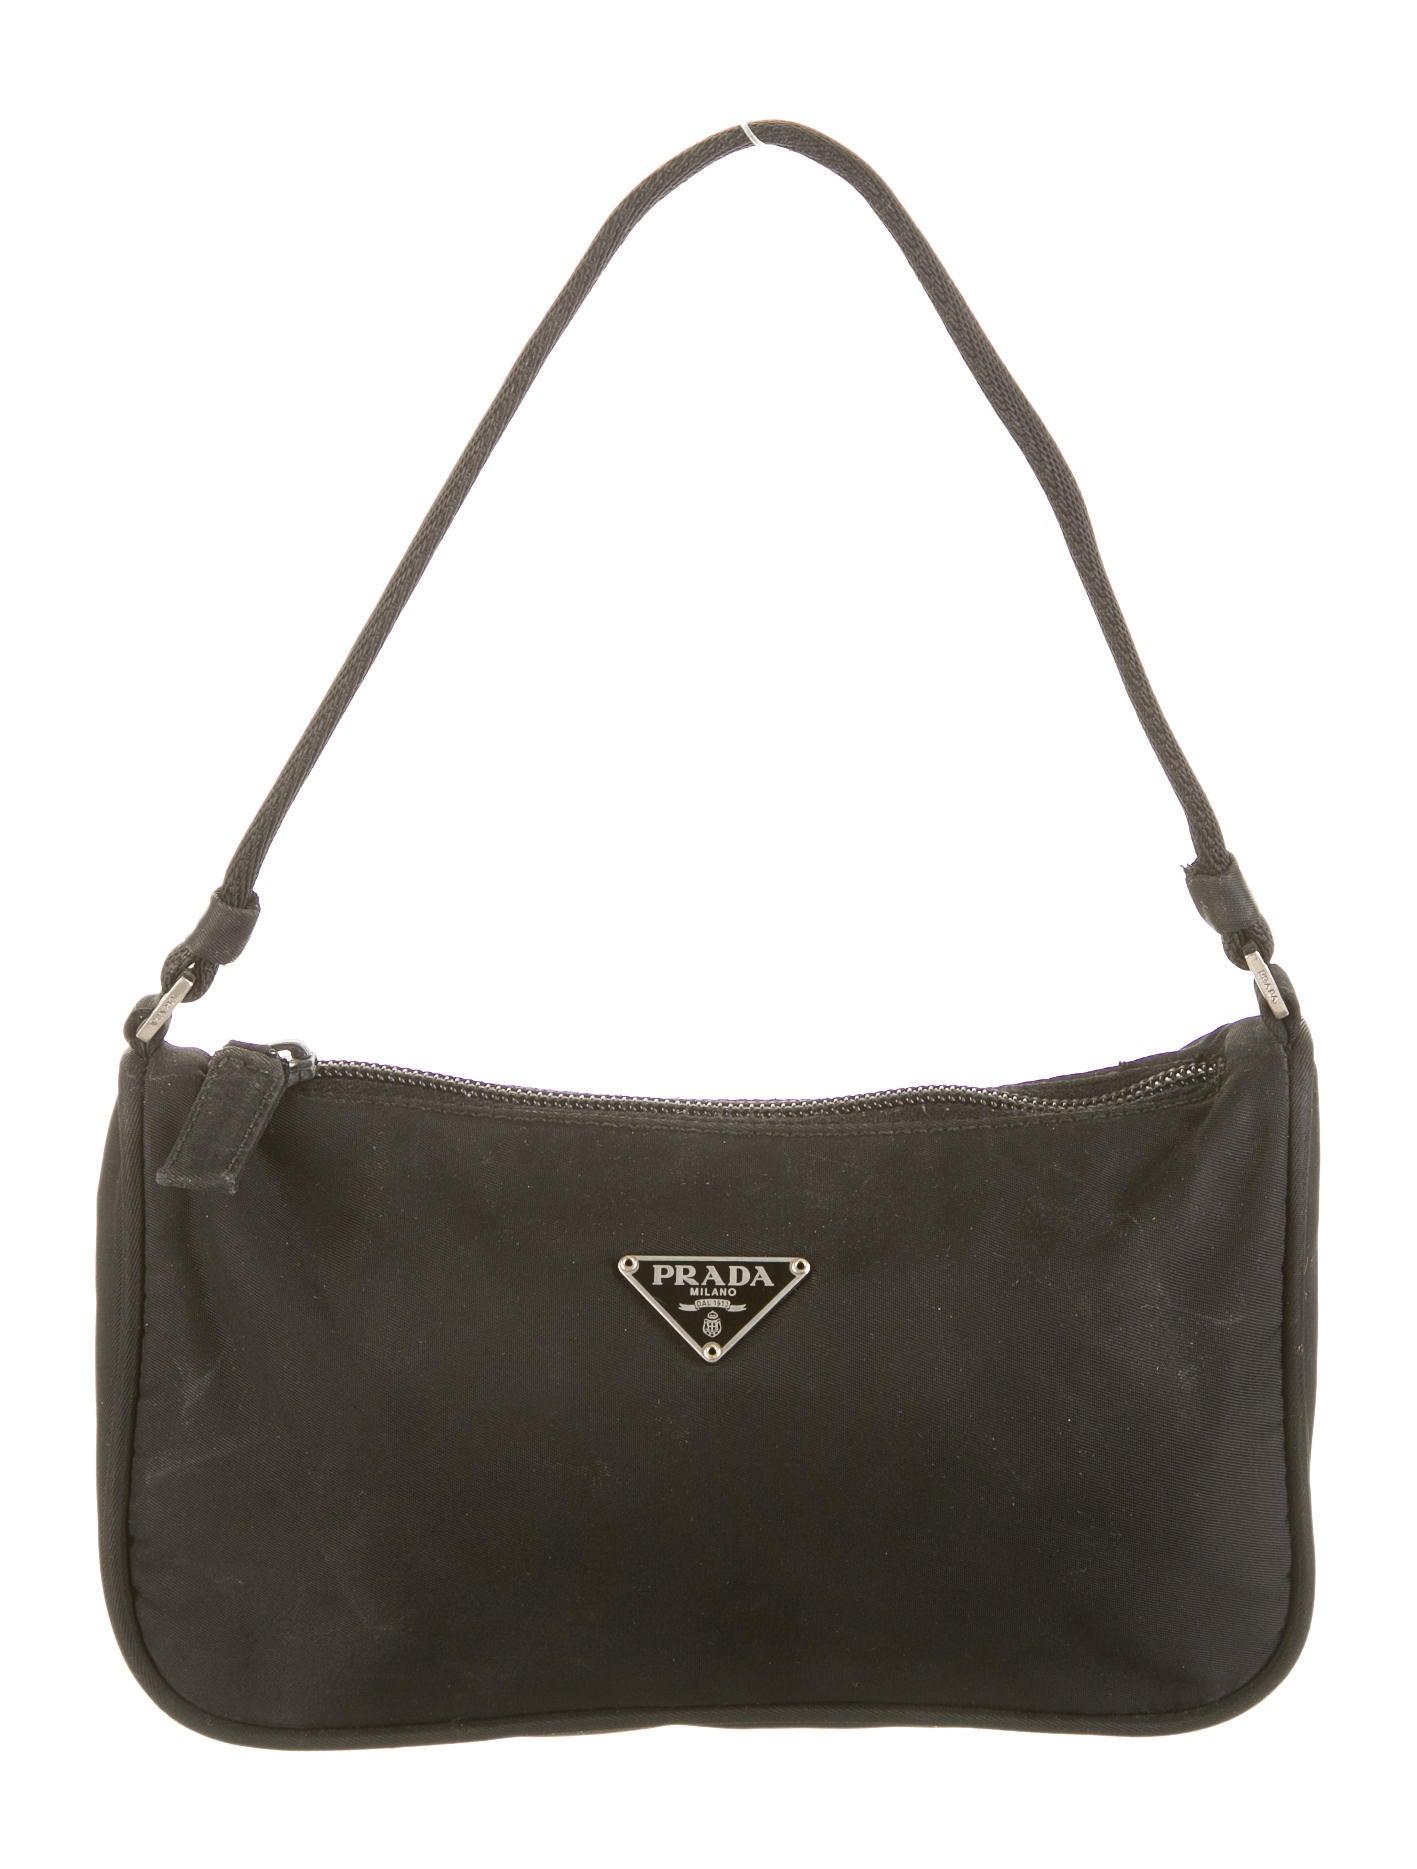 Prada Tessuto Mini Bag - Handbags - PRA41056 | The RealReal